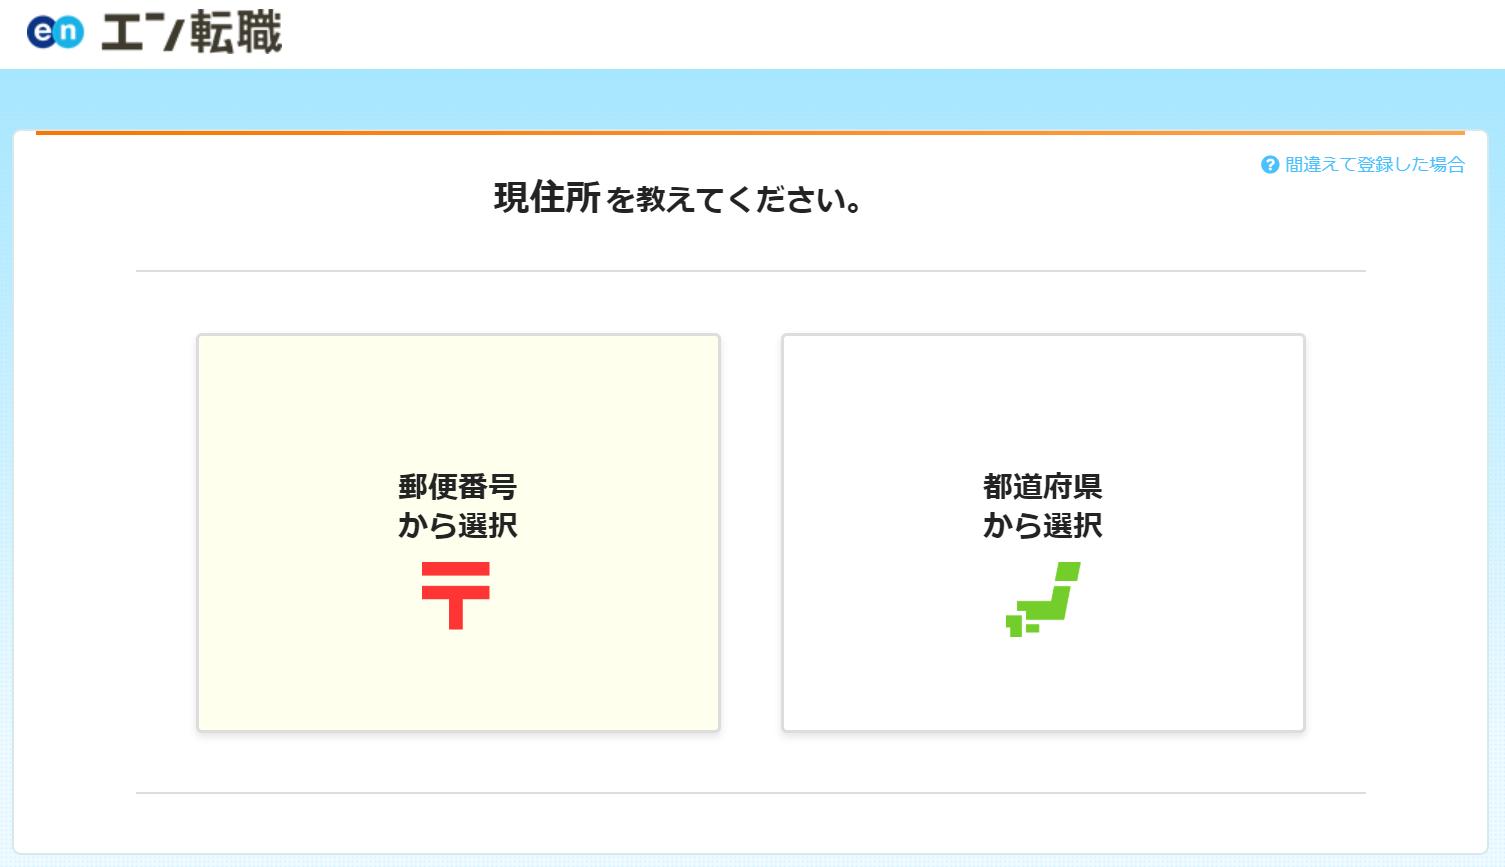 エン転職登録04